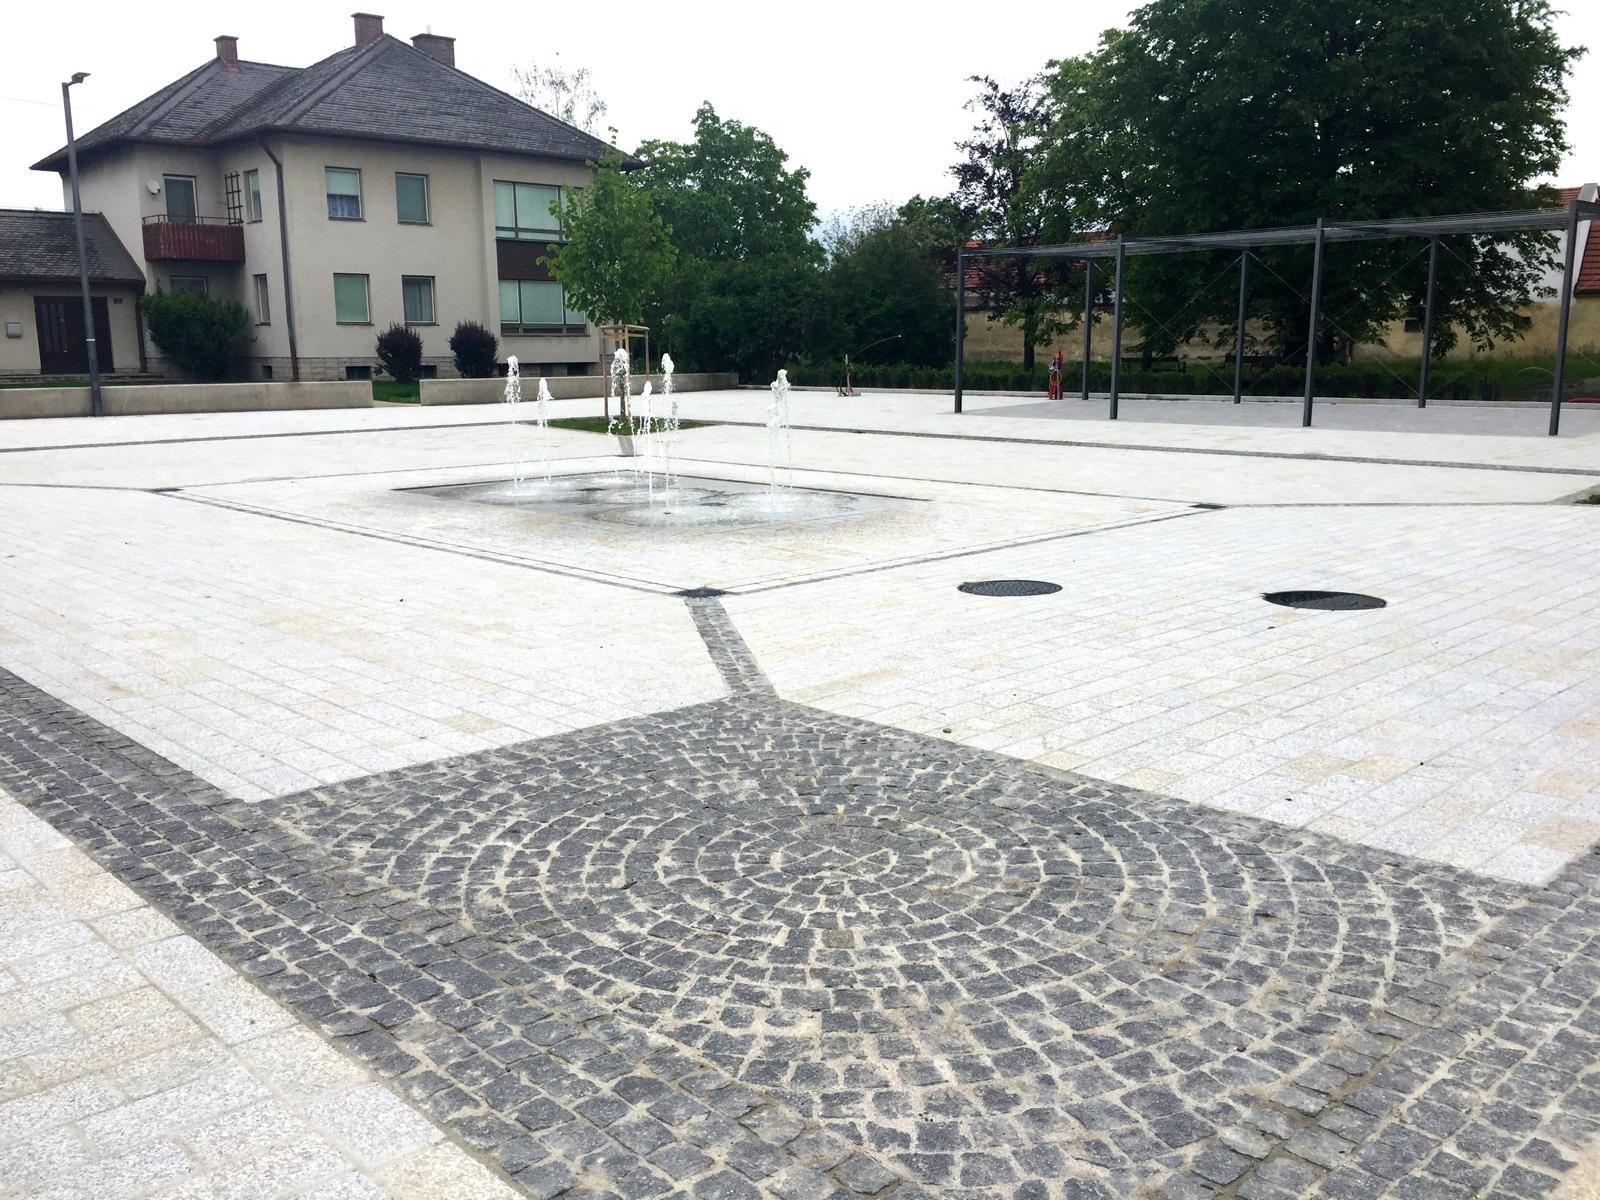 Rohrendorf3